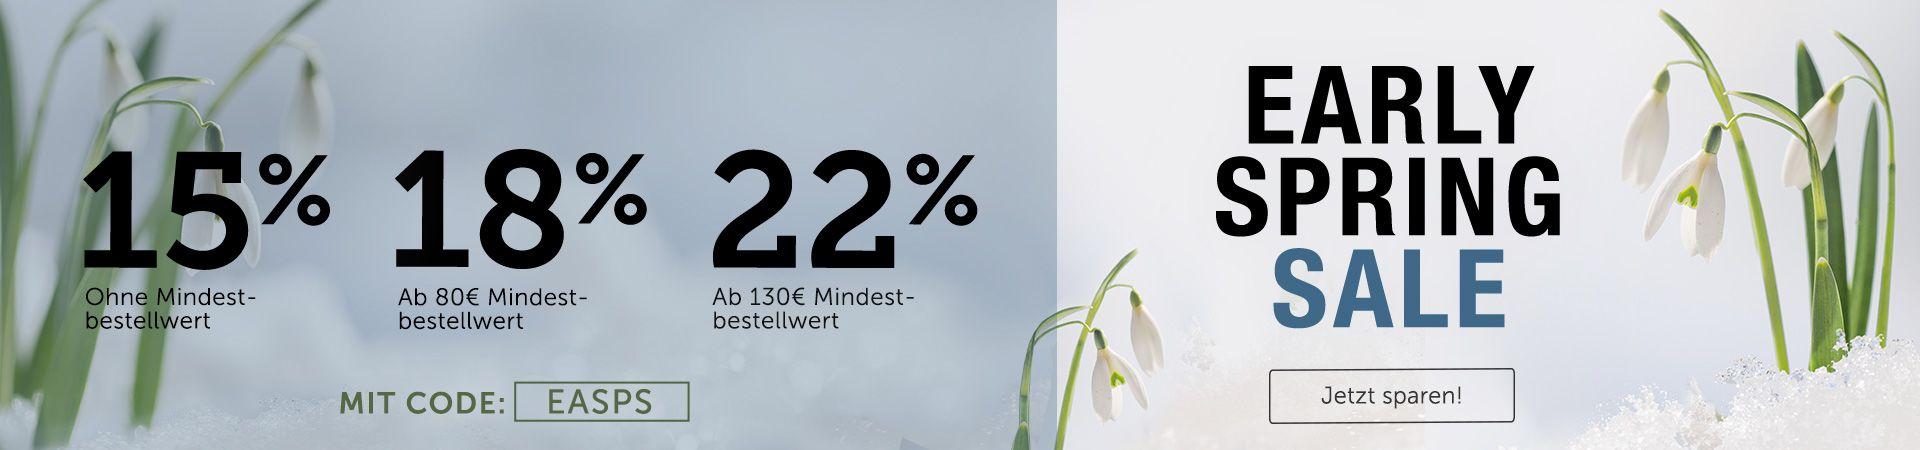 Be happy! Hol dir jetzt bis zu 22% Rabatt auf Alles für deine ersten Frühlingsgefühle.